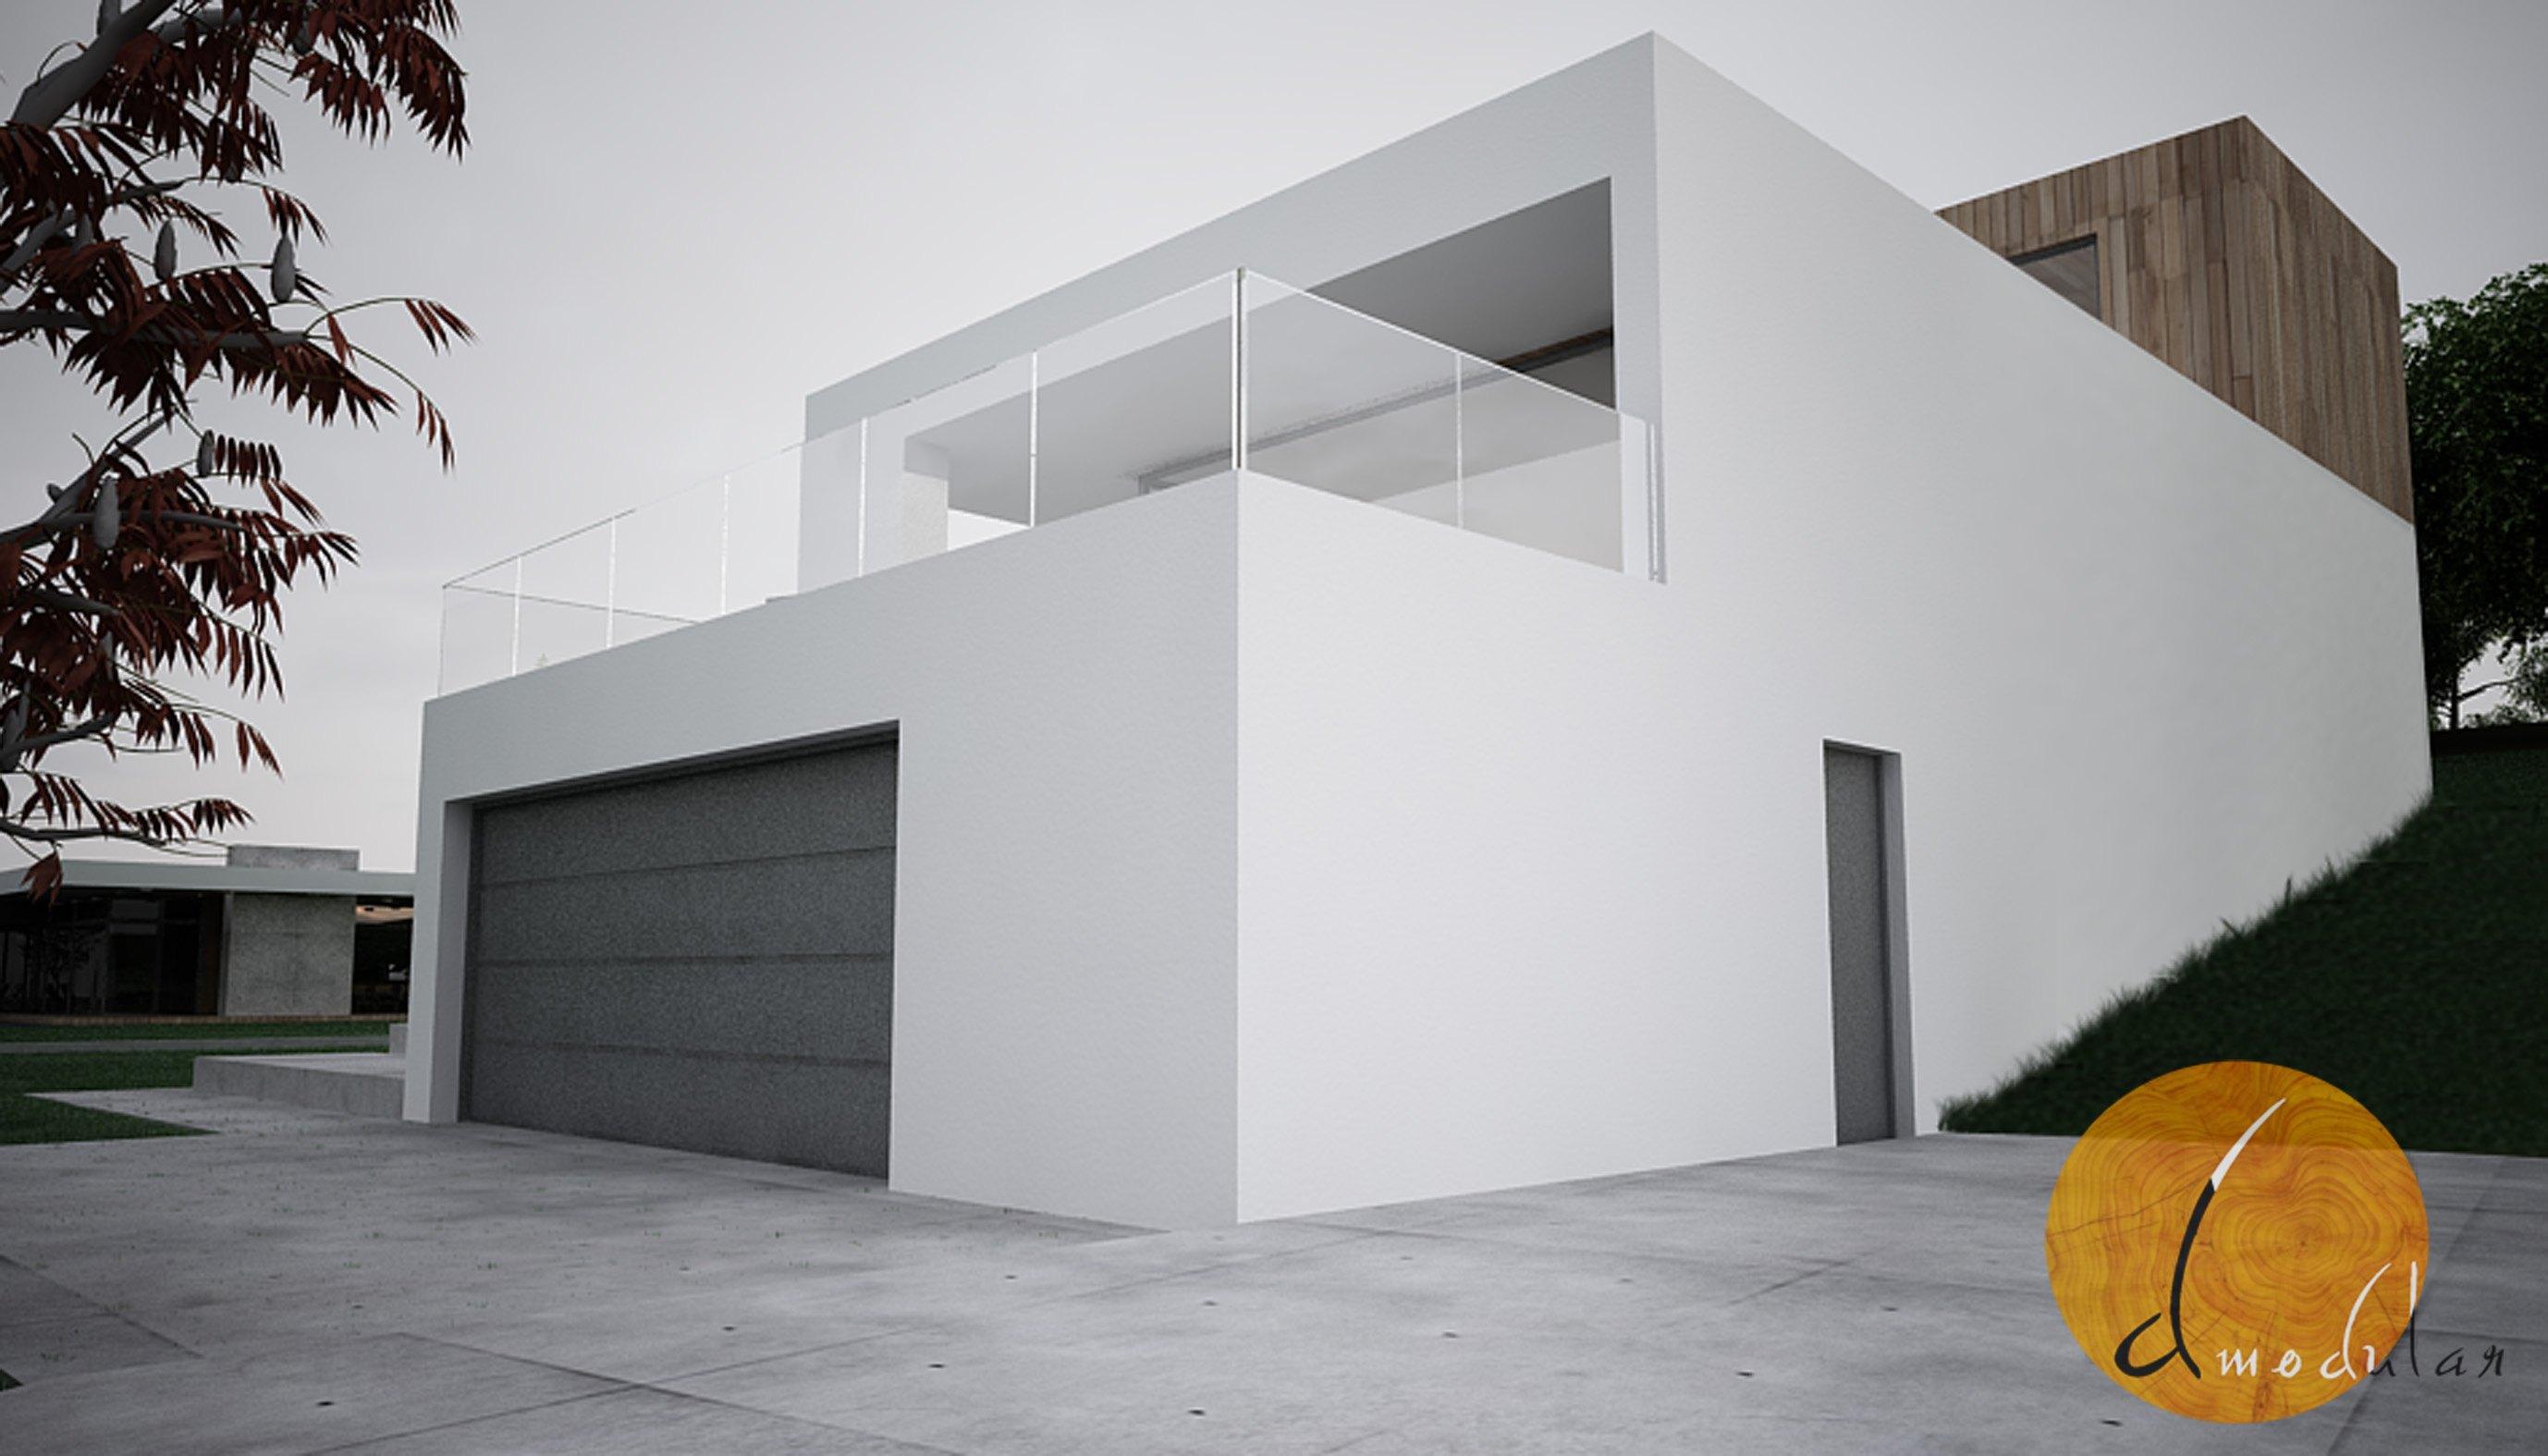 Casas modulares Bilbao